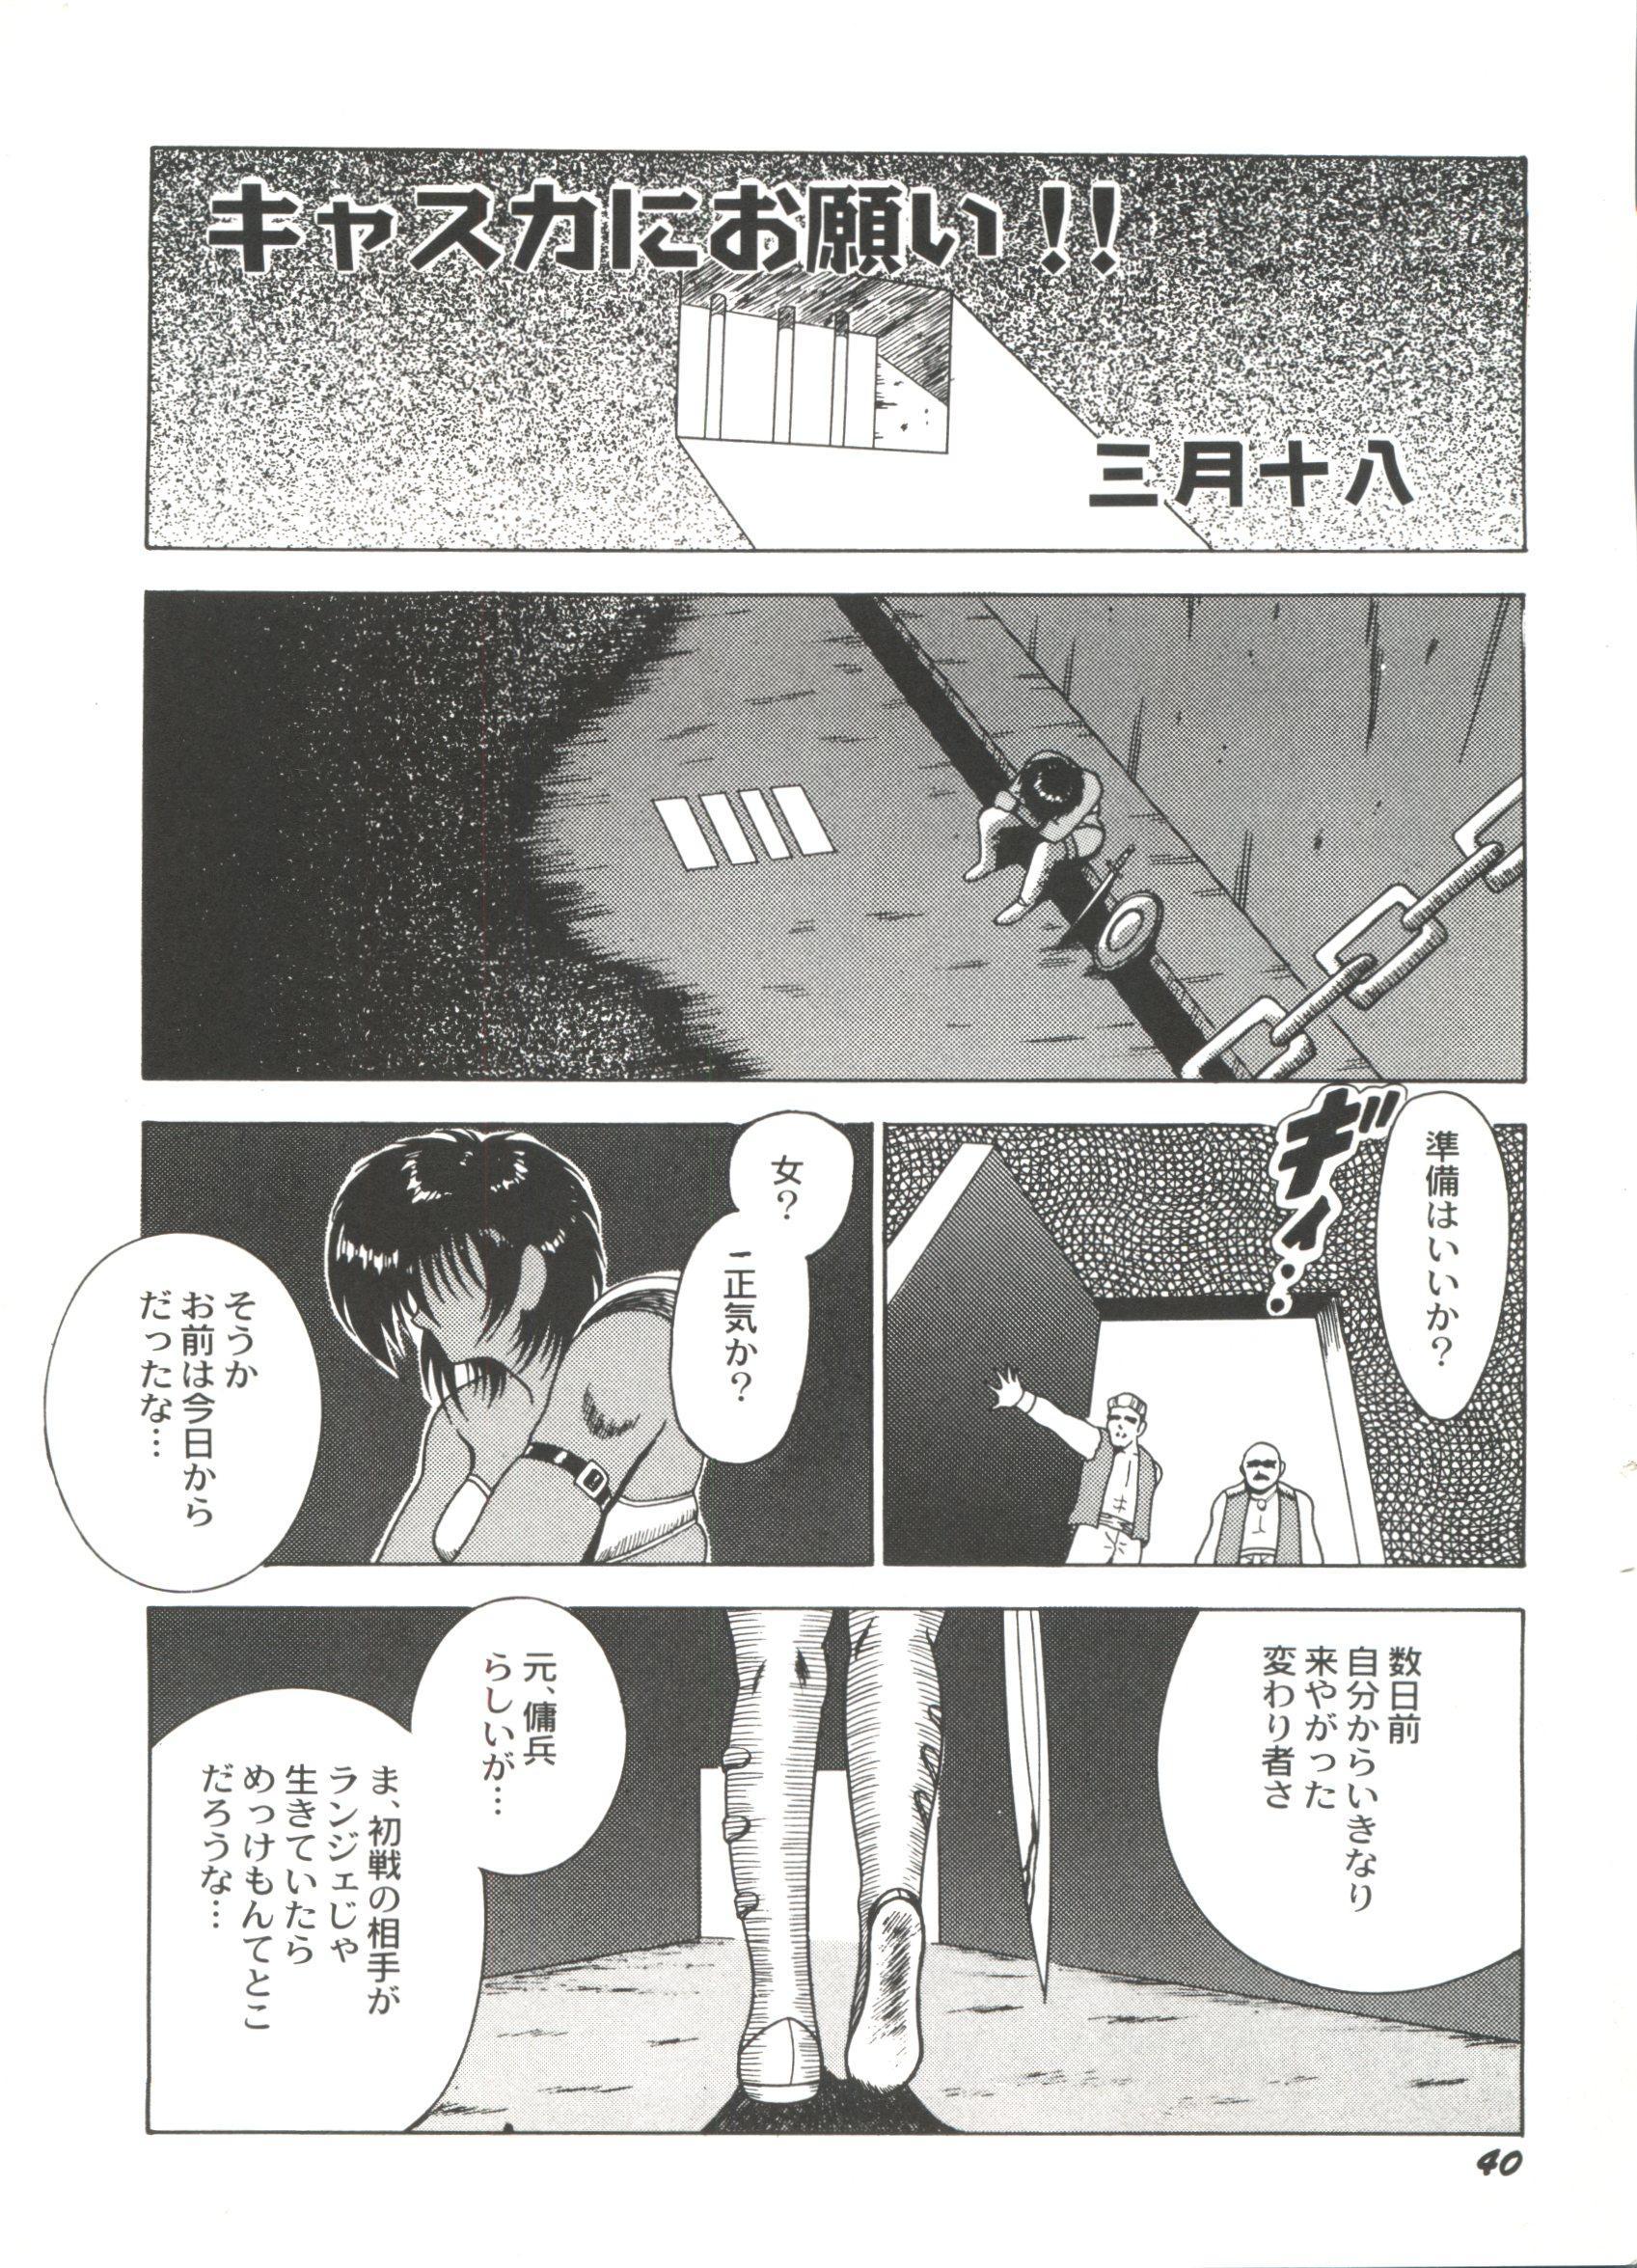 Bishoujo Doujinshi Anthology Cute 5 42